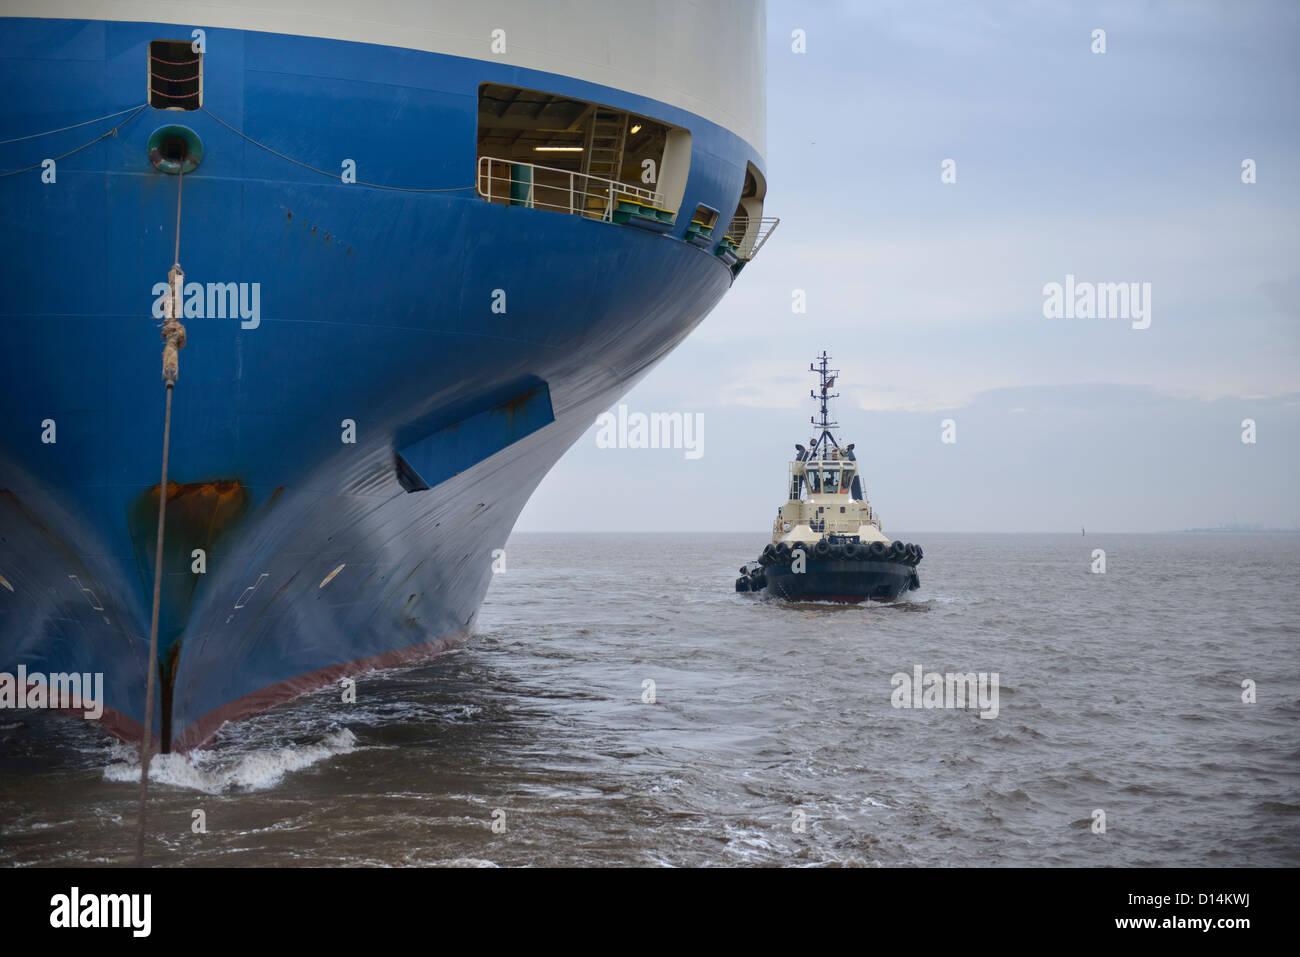 Rimorchiatore vela dalla nave di grandi dimensioni Immagini Stock